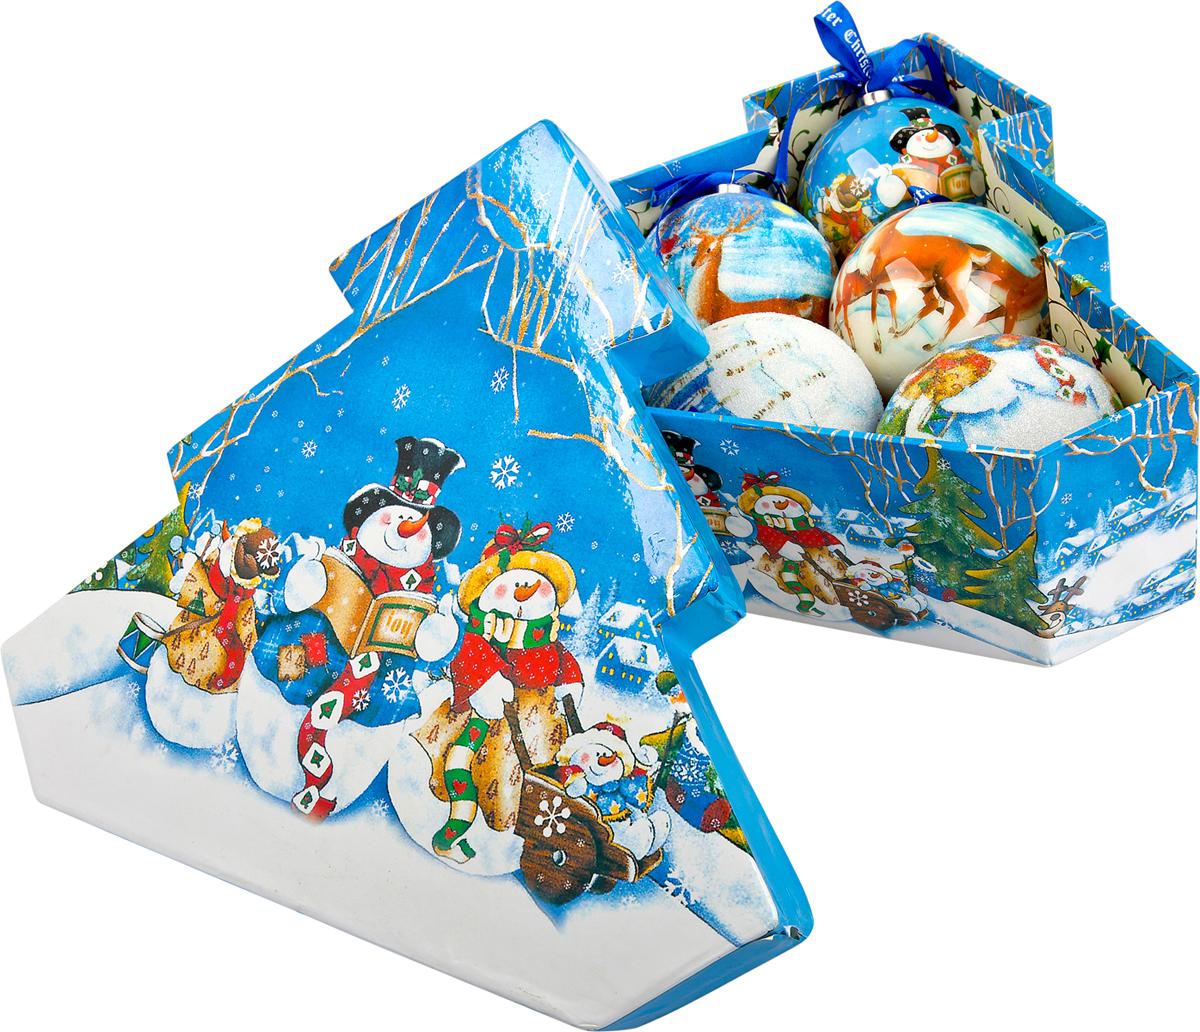 Набор новогодних подвесных украшений Mister Christmas Папье-маше, диаметр 7,5 см, 6 шт. PM-2-6T mister miracle